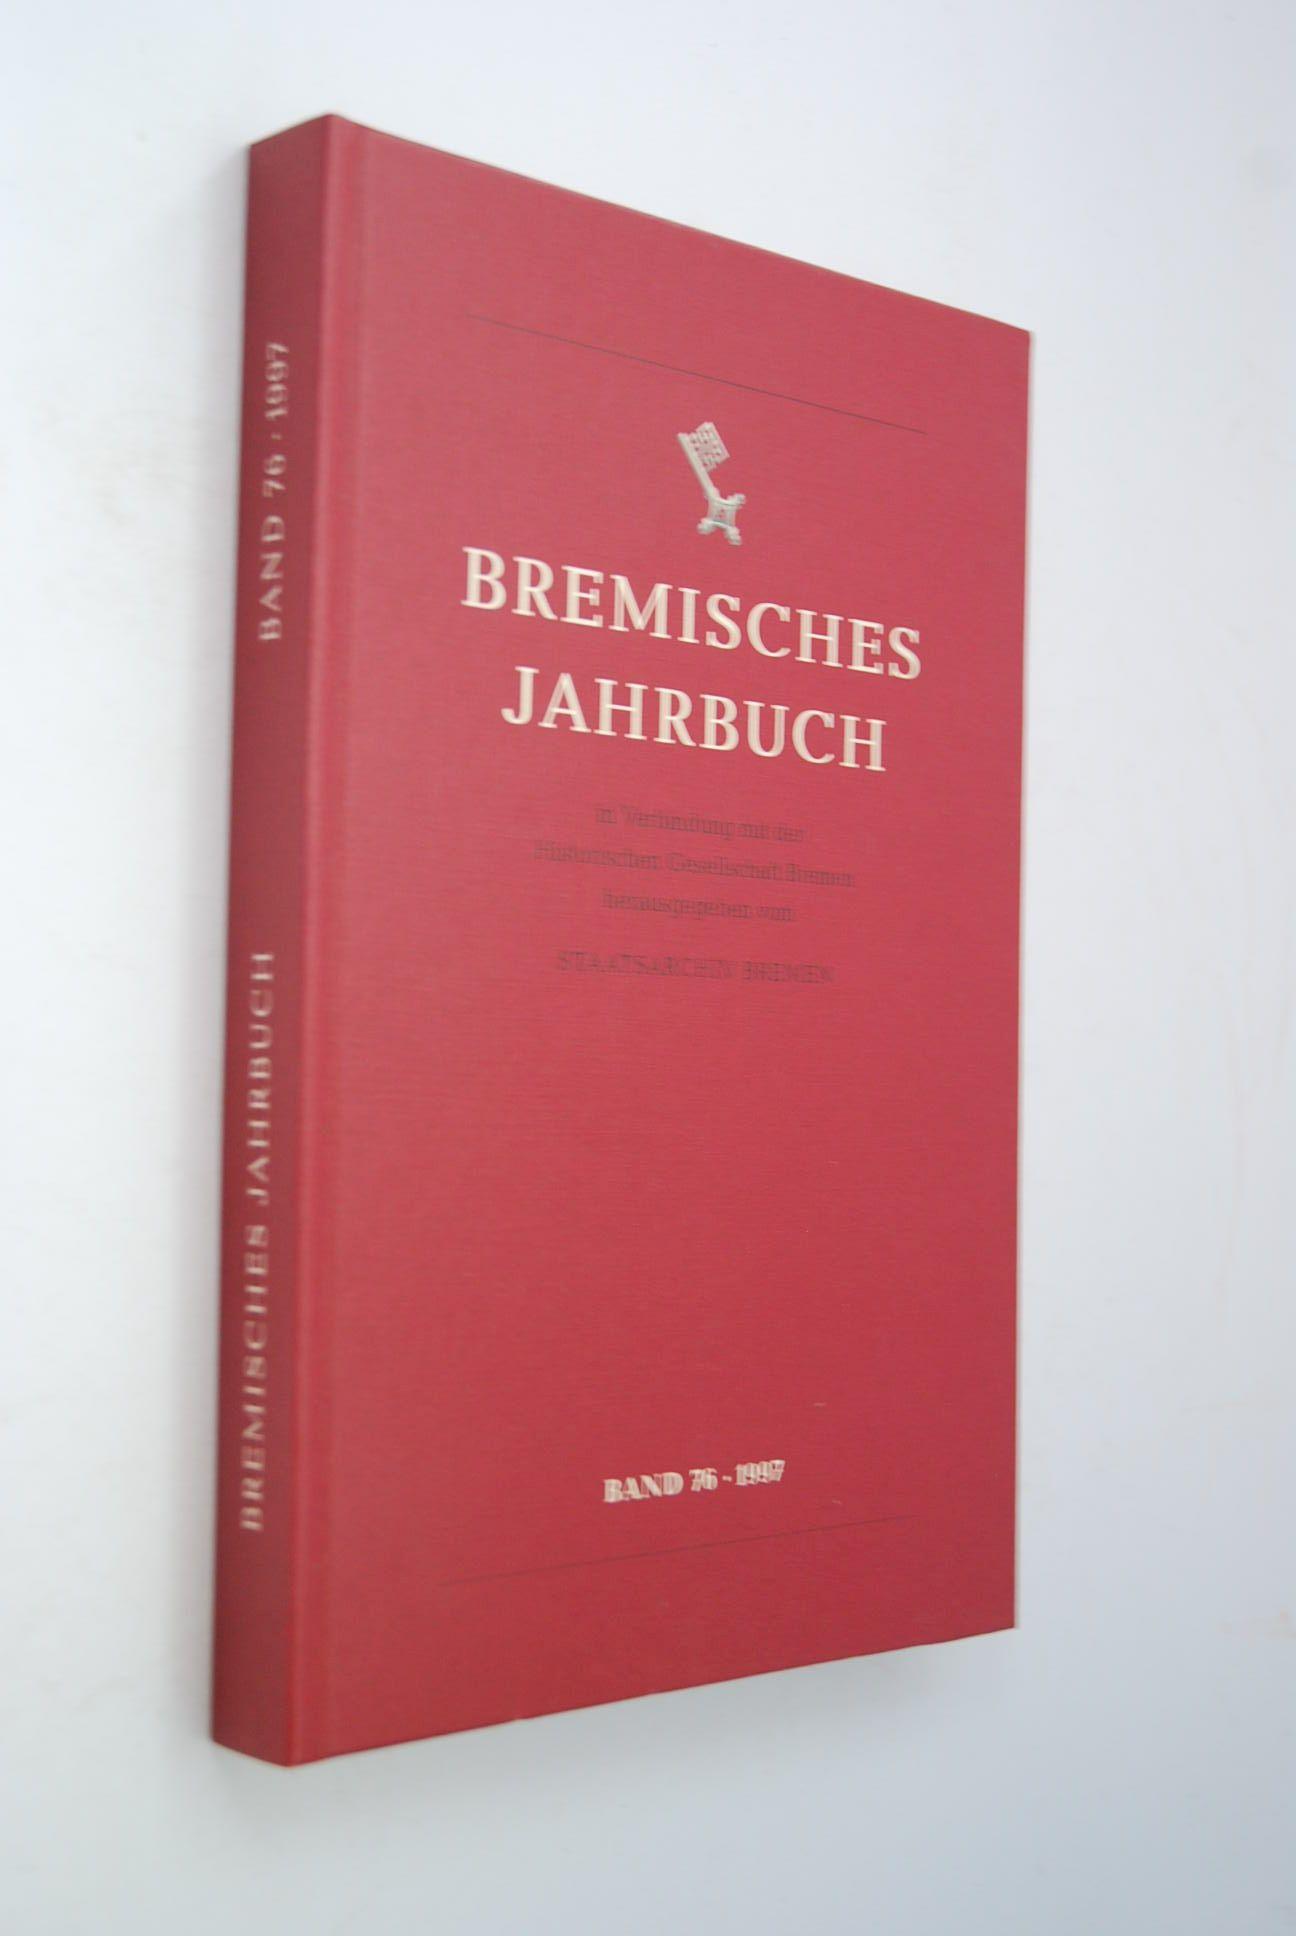 Bremisches Jahrbuch Band 76 (1997) in Verbindung mit der Historischen Gesellschaf herausgegeben vom Staatsarchiv Bremen - Bremen, Historische Gesellschaft und Konrad Elmshäuser